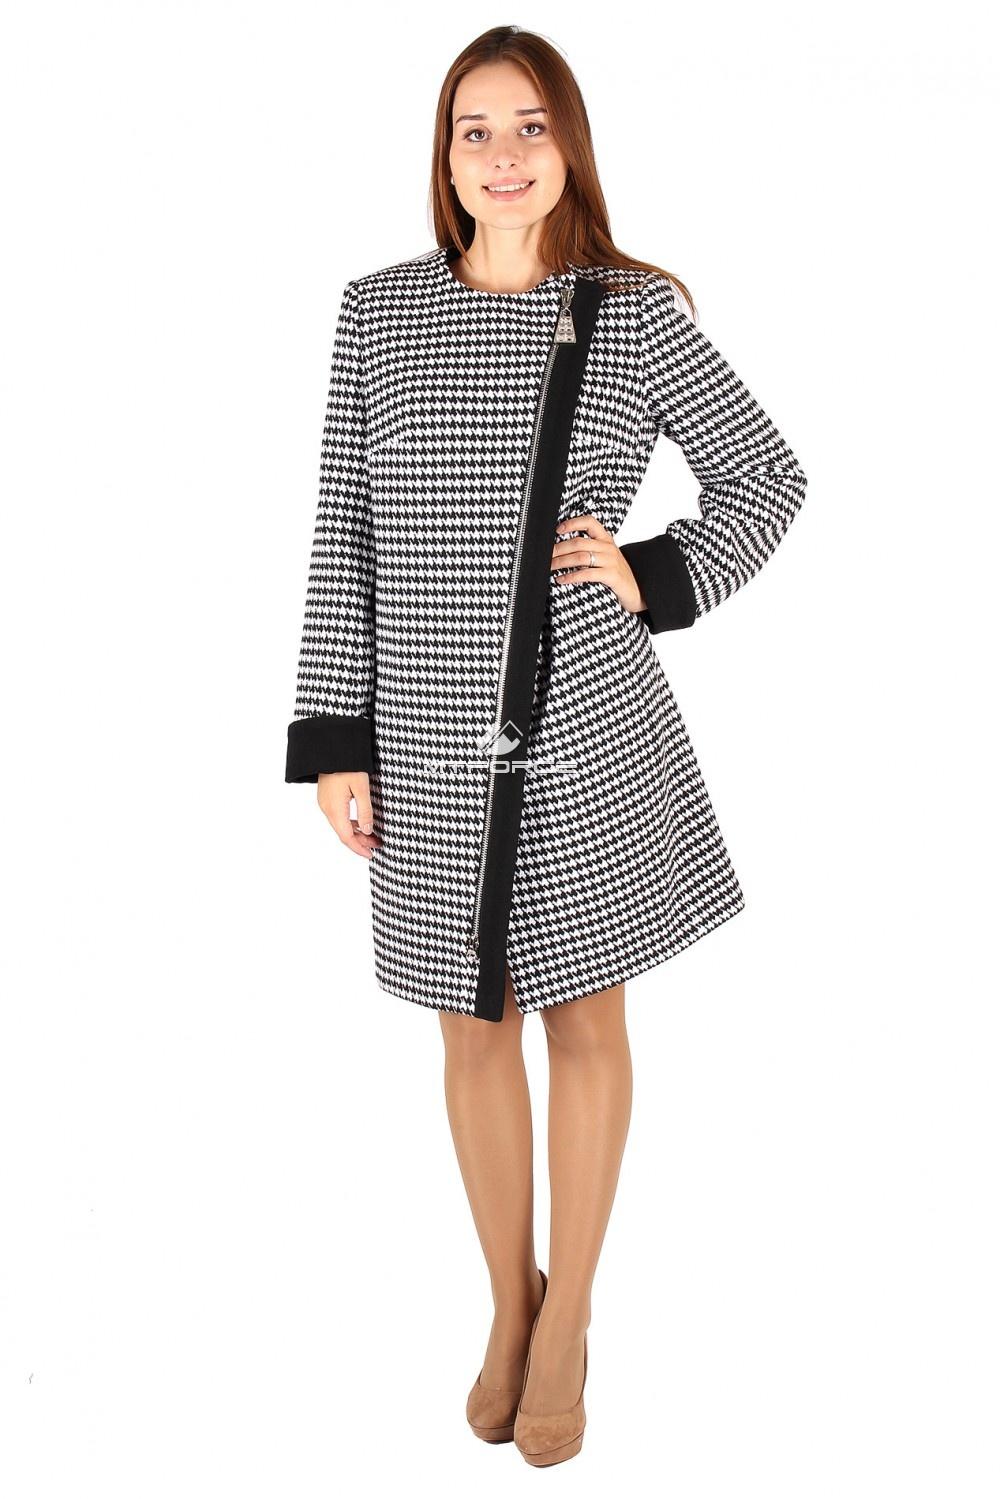 Купить                                  оптом Пальто женское черно-белого цвета 394ChBl